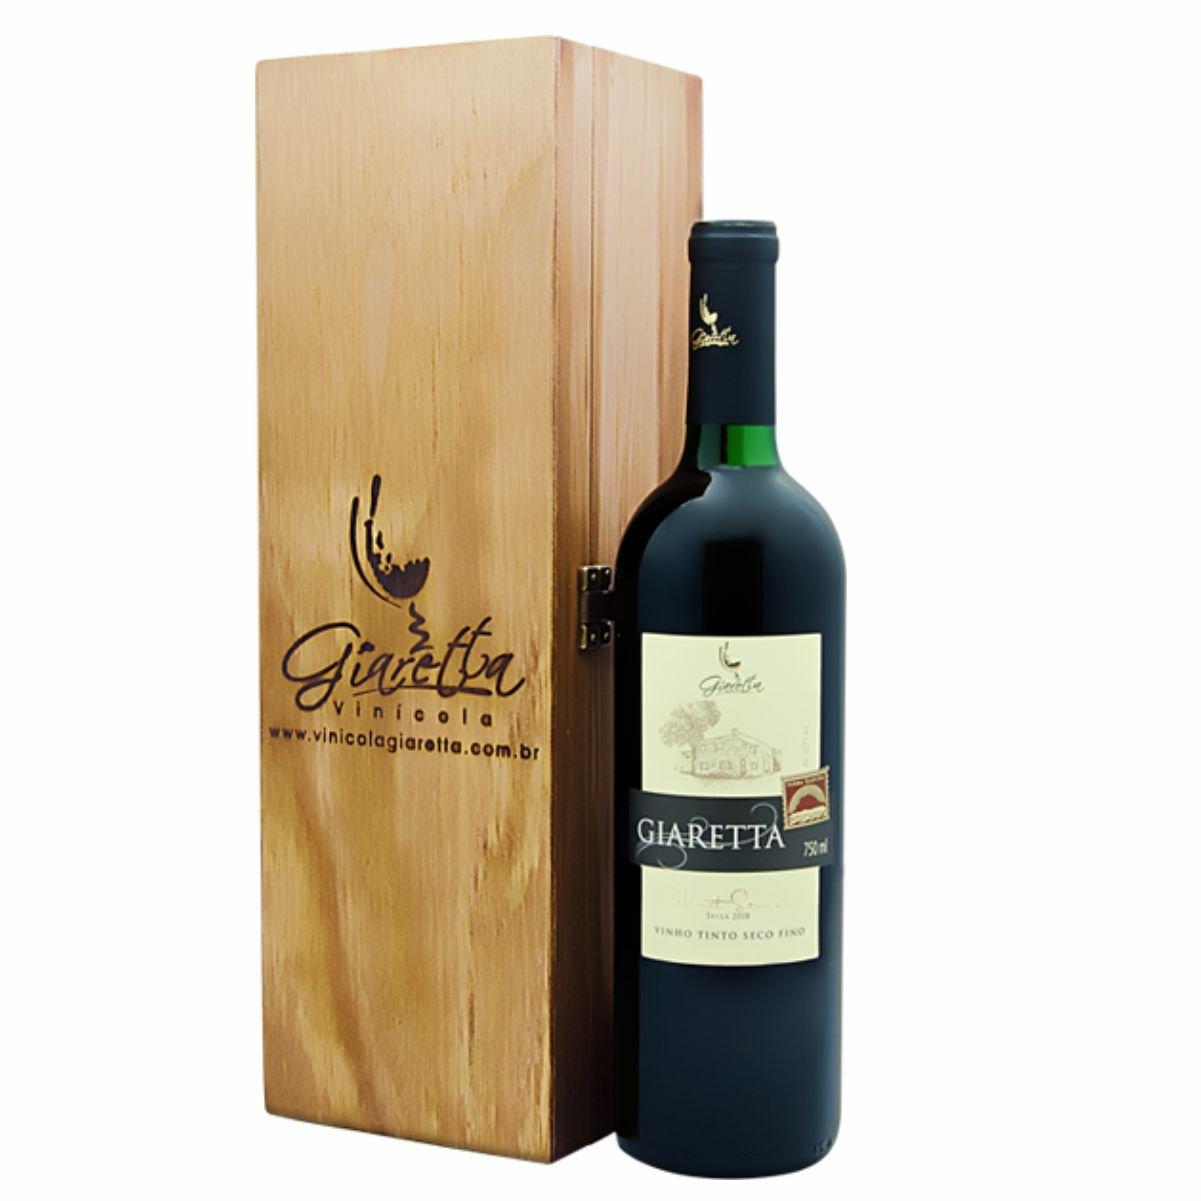 Kit Vinhos Finos Giaretta Presente Uno (01 unidade) Embalagem em madeira